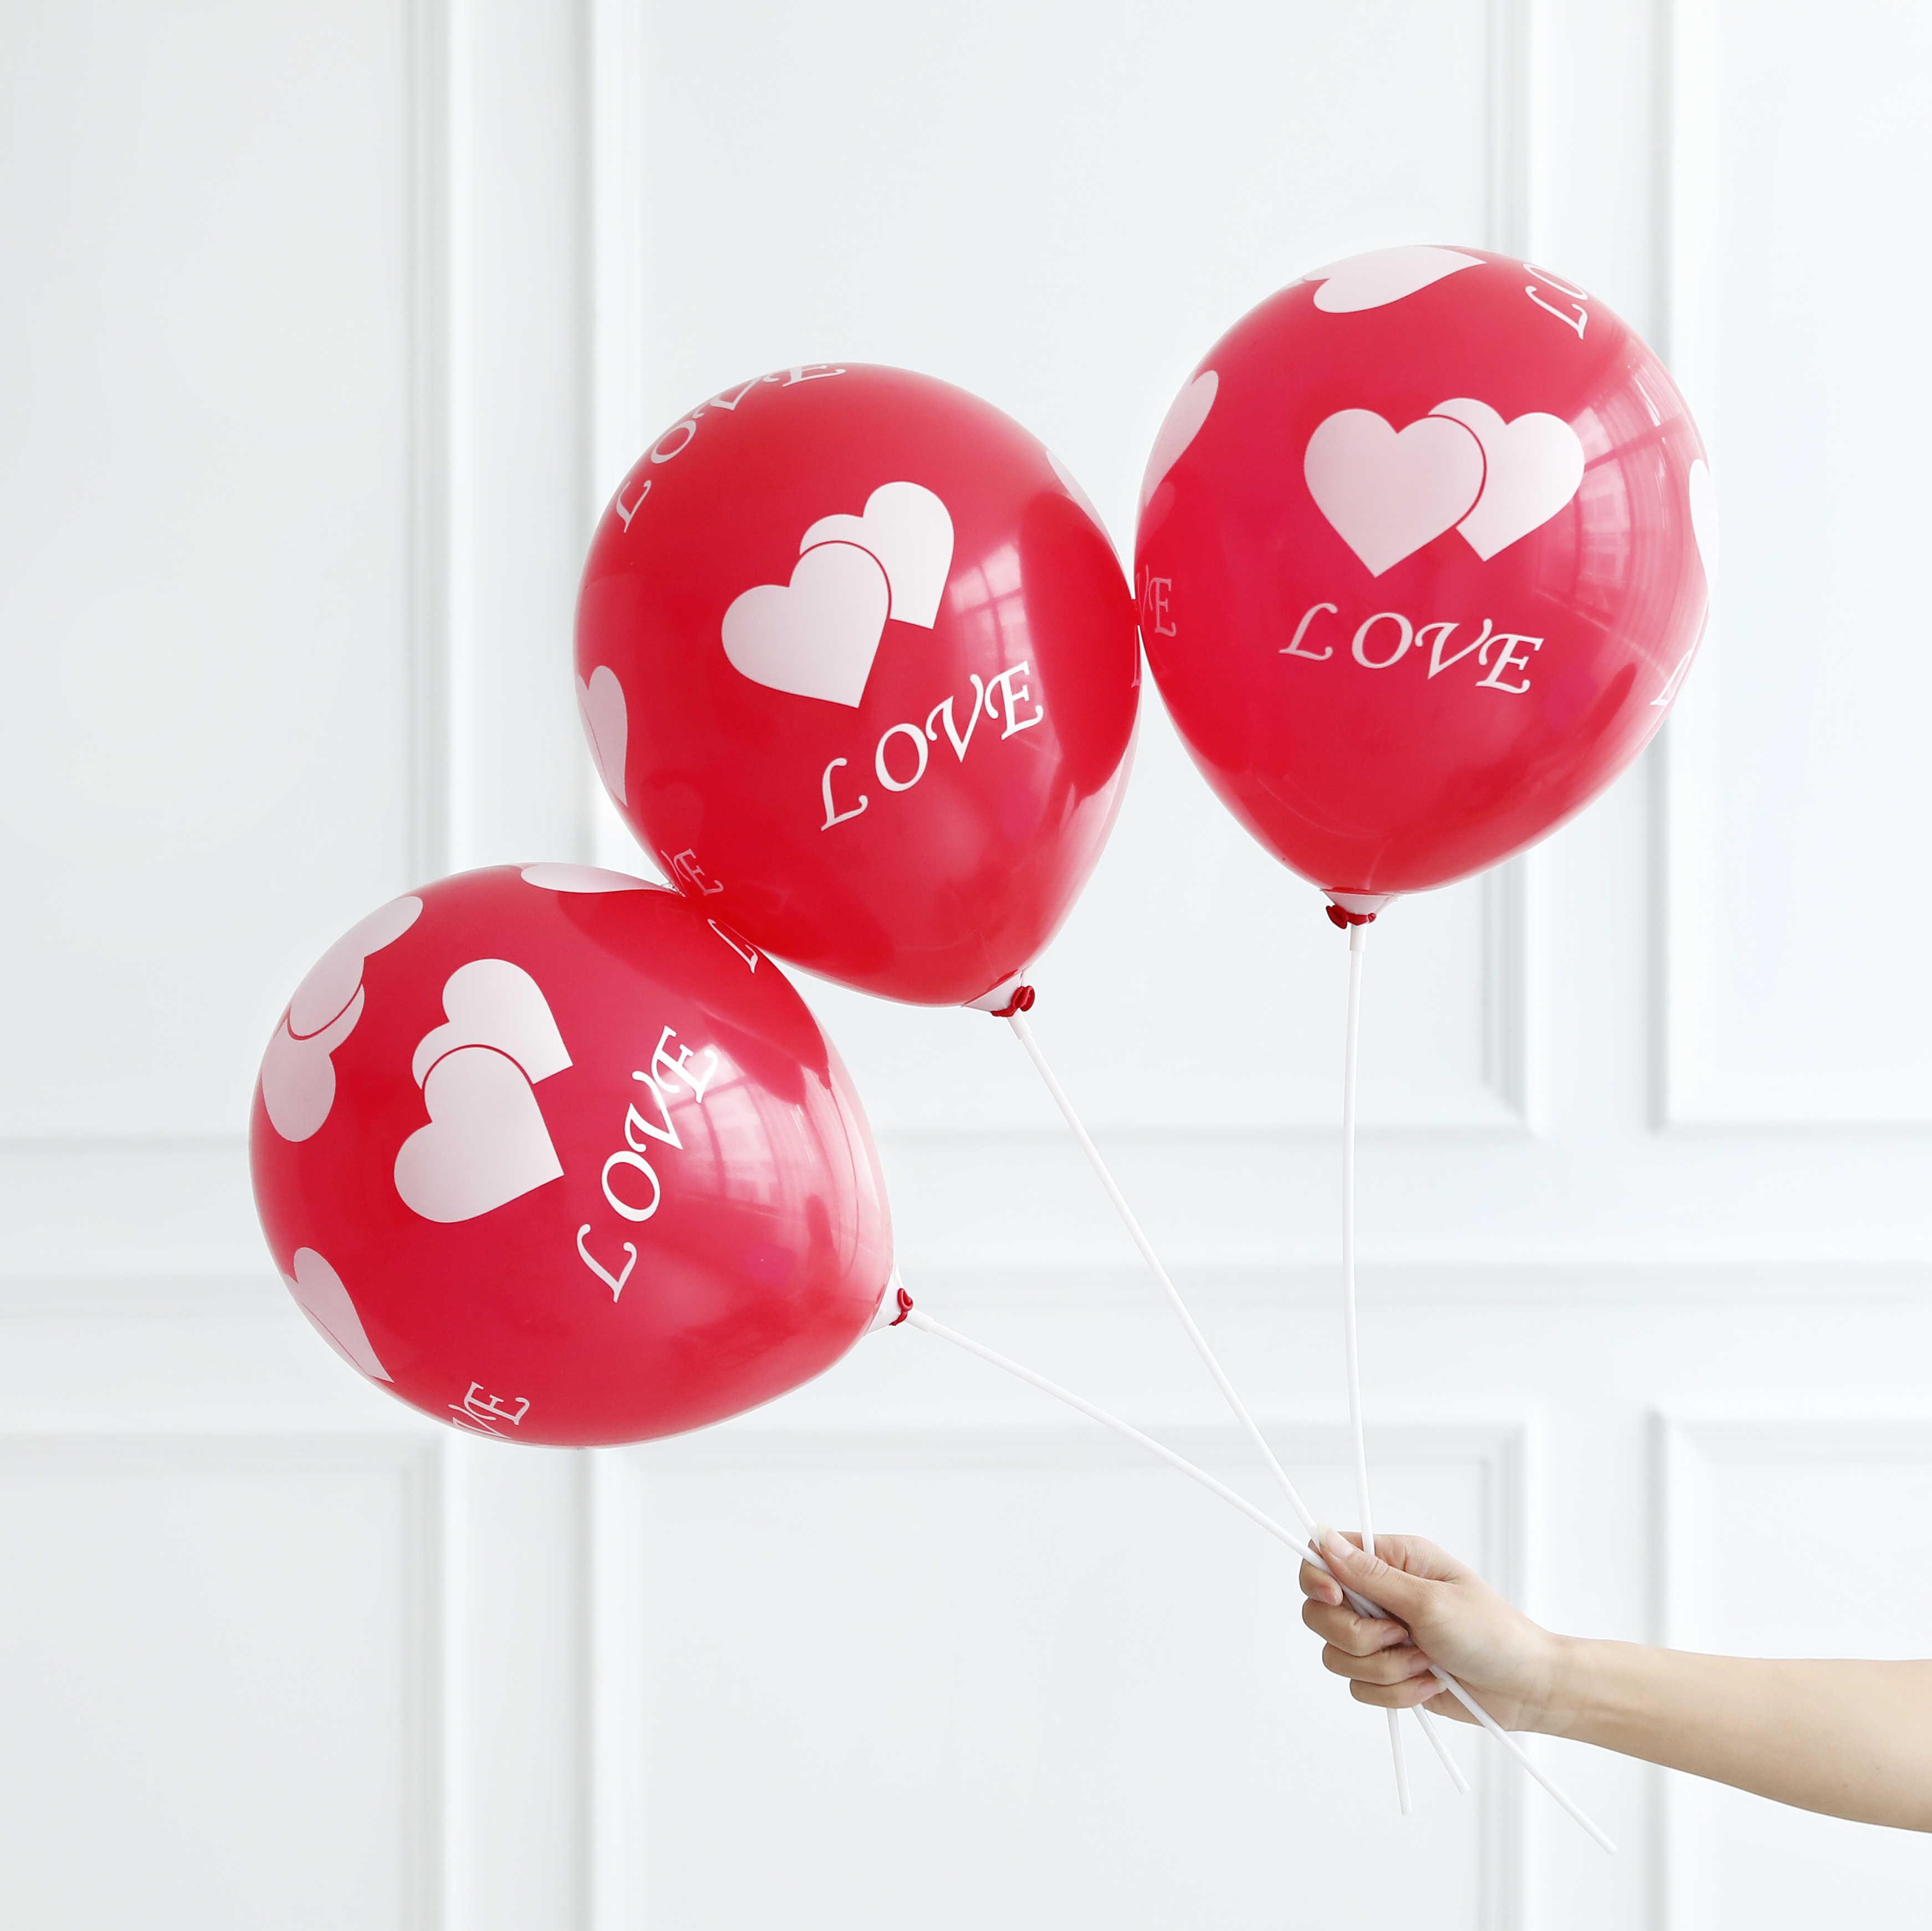 10 шт. 12 дюймов гелиевые воздушные шары в форме сердца я люблю тебя латексные